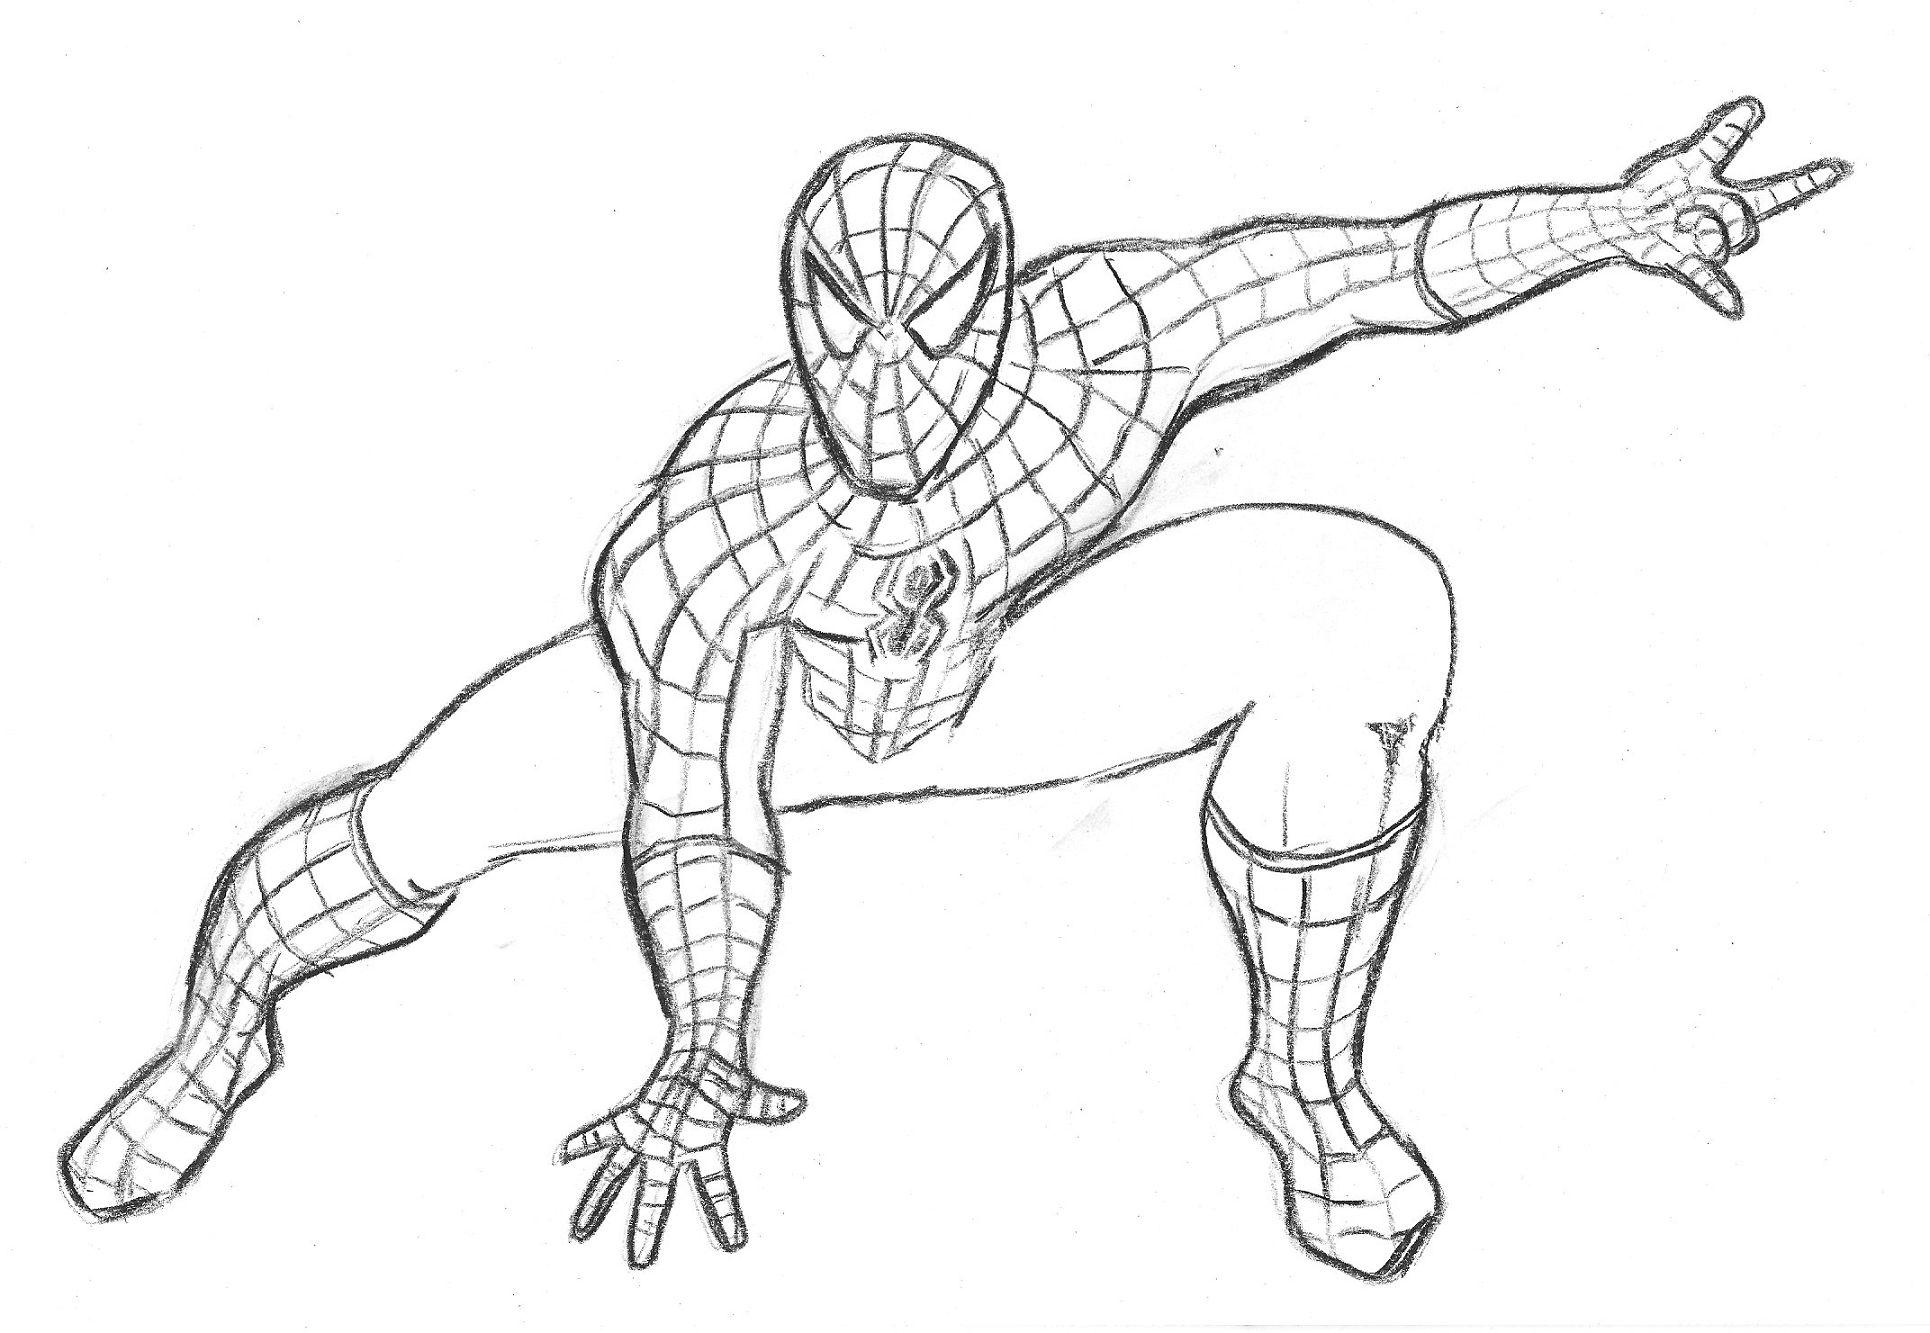 dibujos disney de spiderman para colorear: